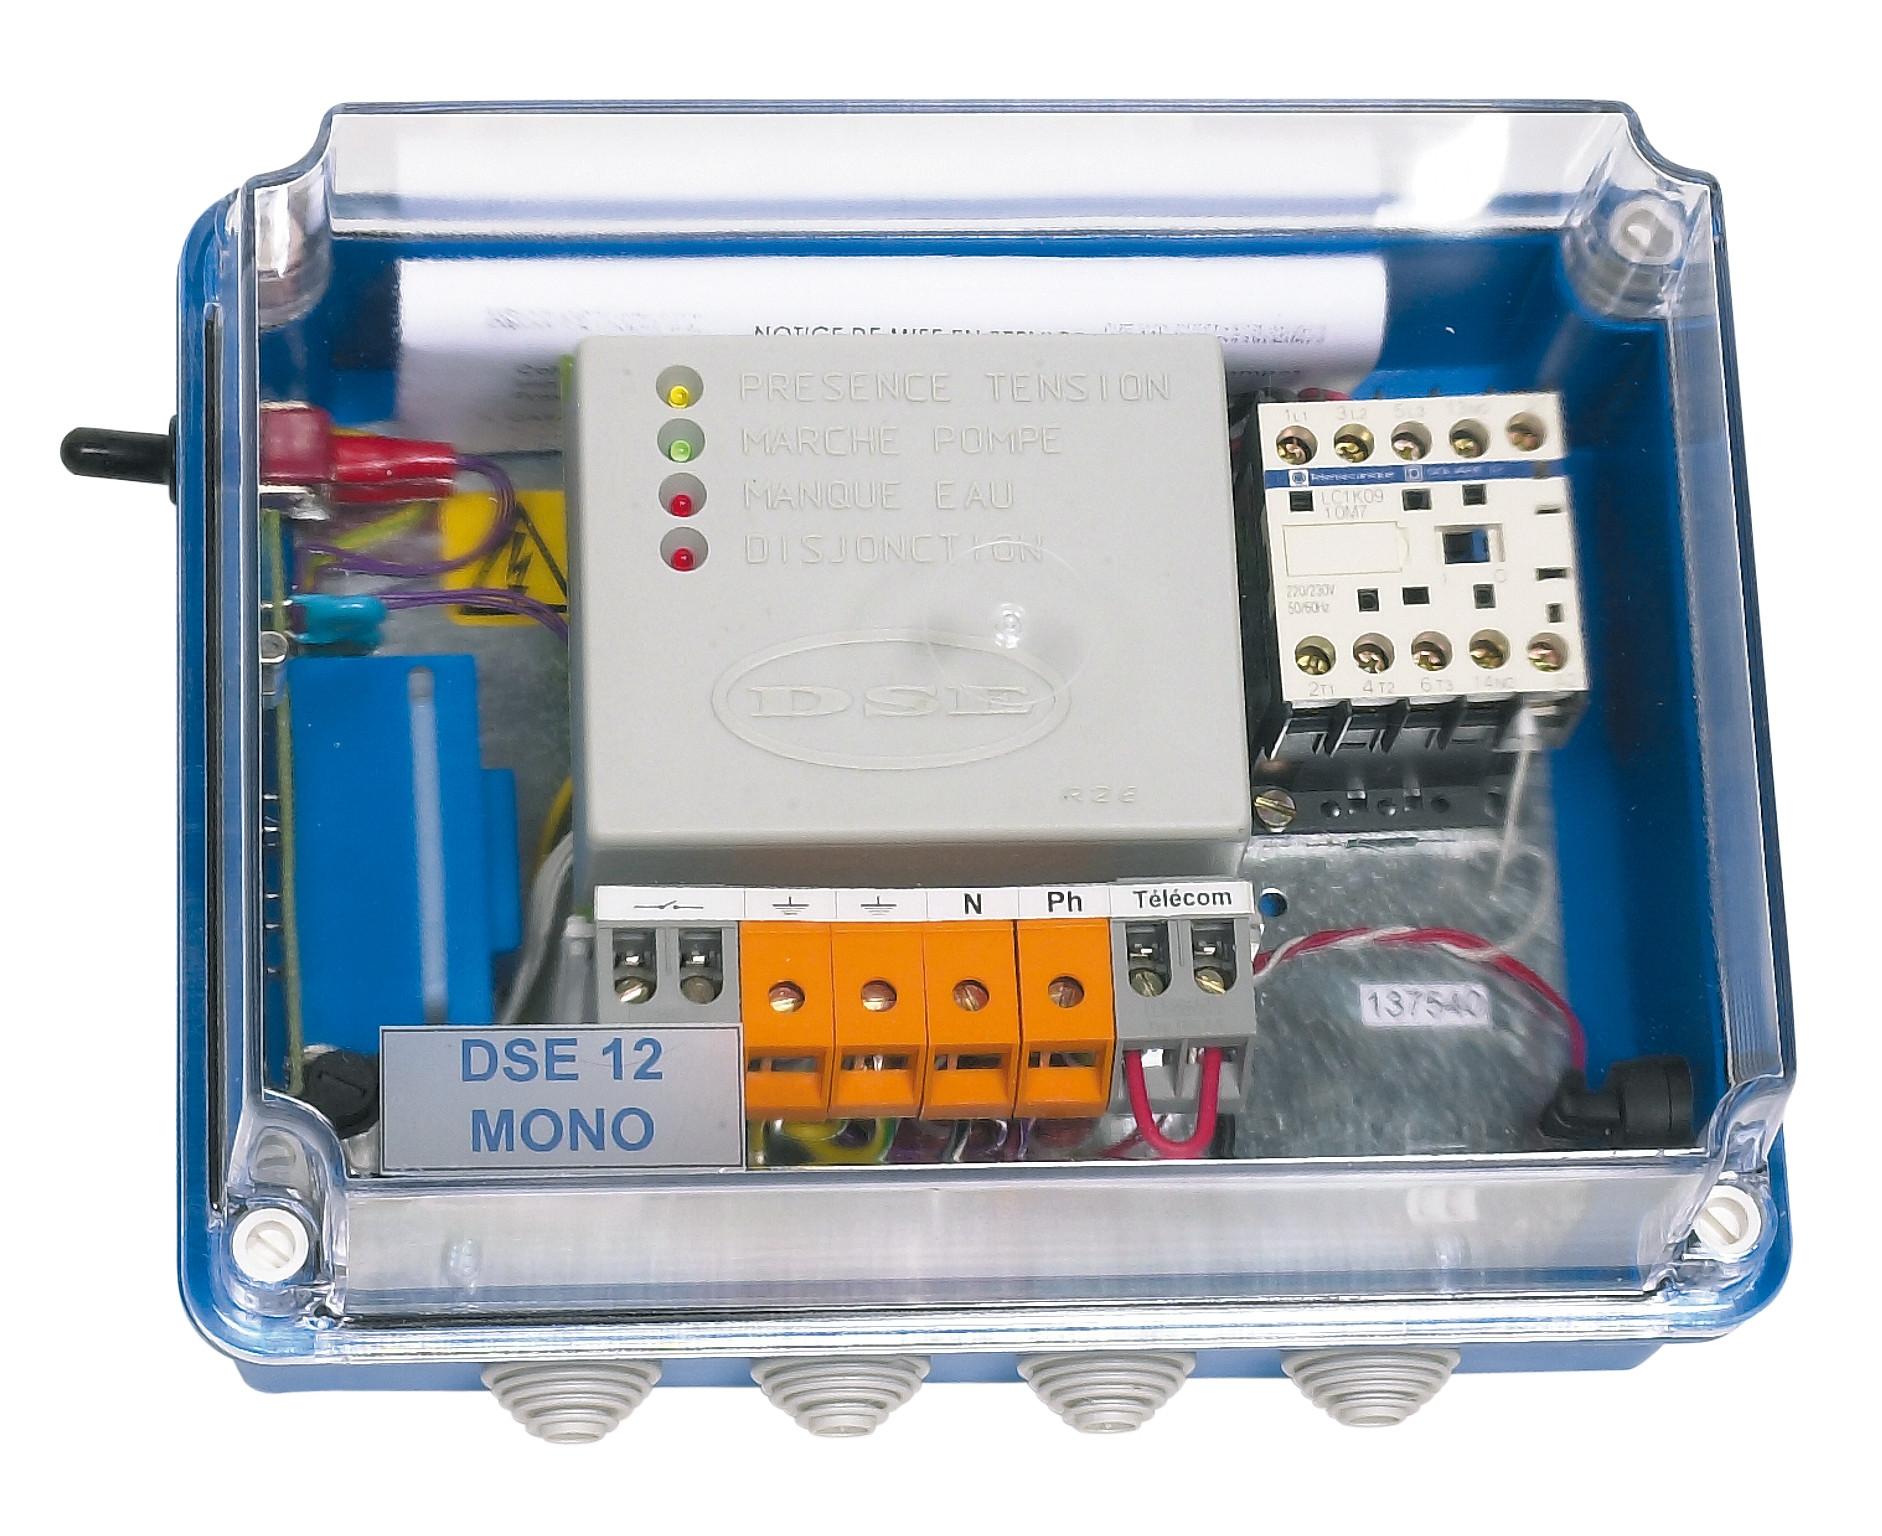 Coffret de protection électrique DSE 12 Mono